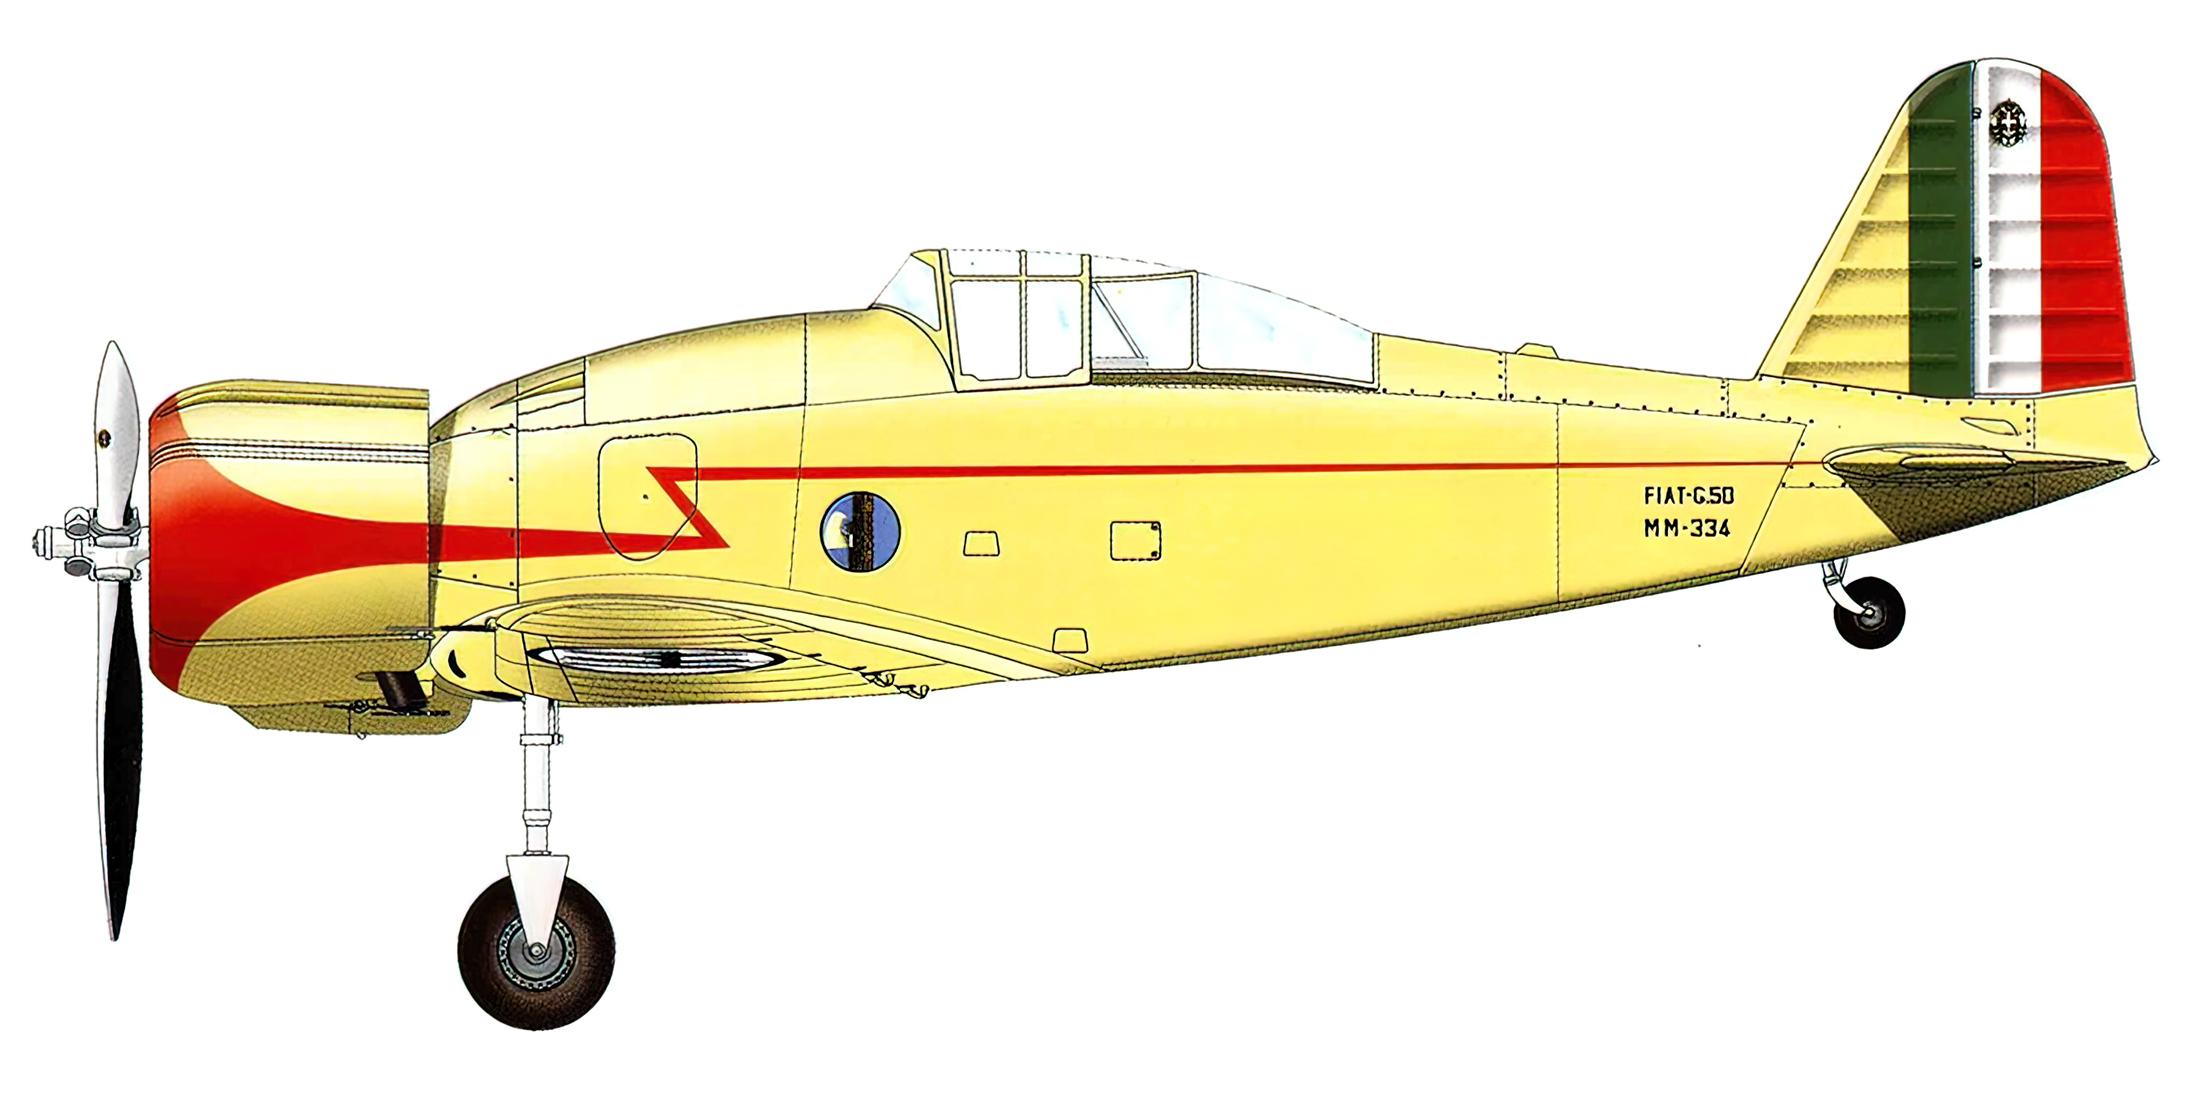 Fiat G50 Freccia prototype MM334 flown by test pilot Giovanni De Briganti Turin Italy 26th Feb 1937 0A